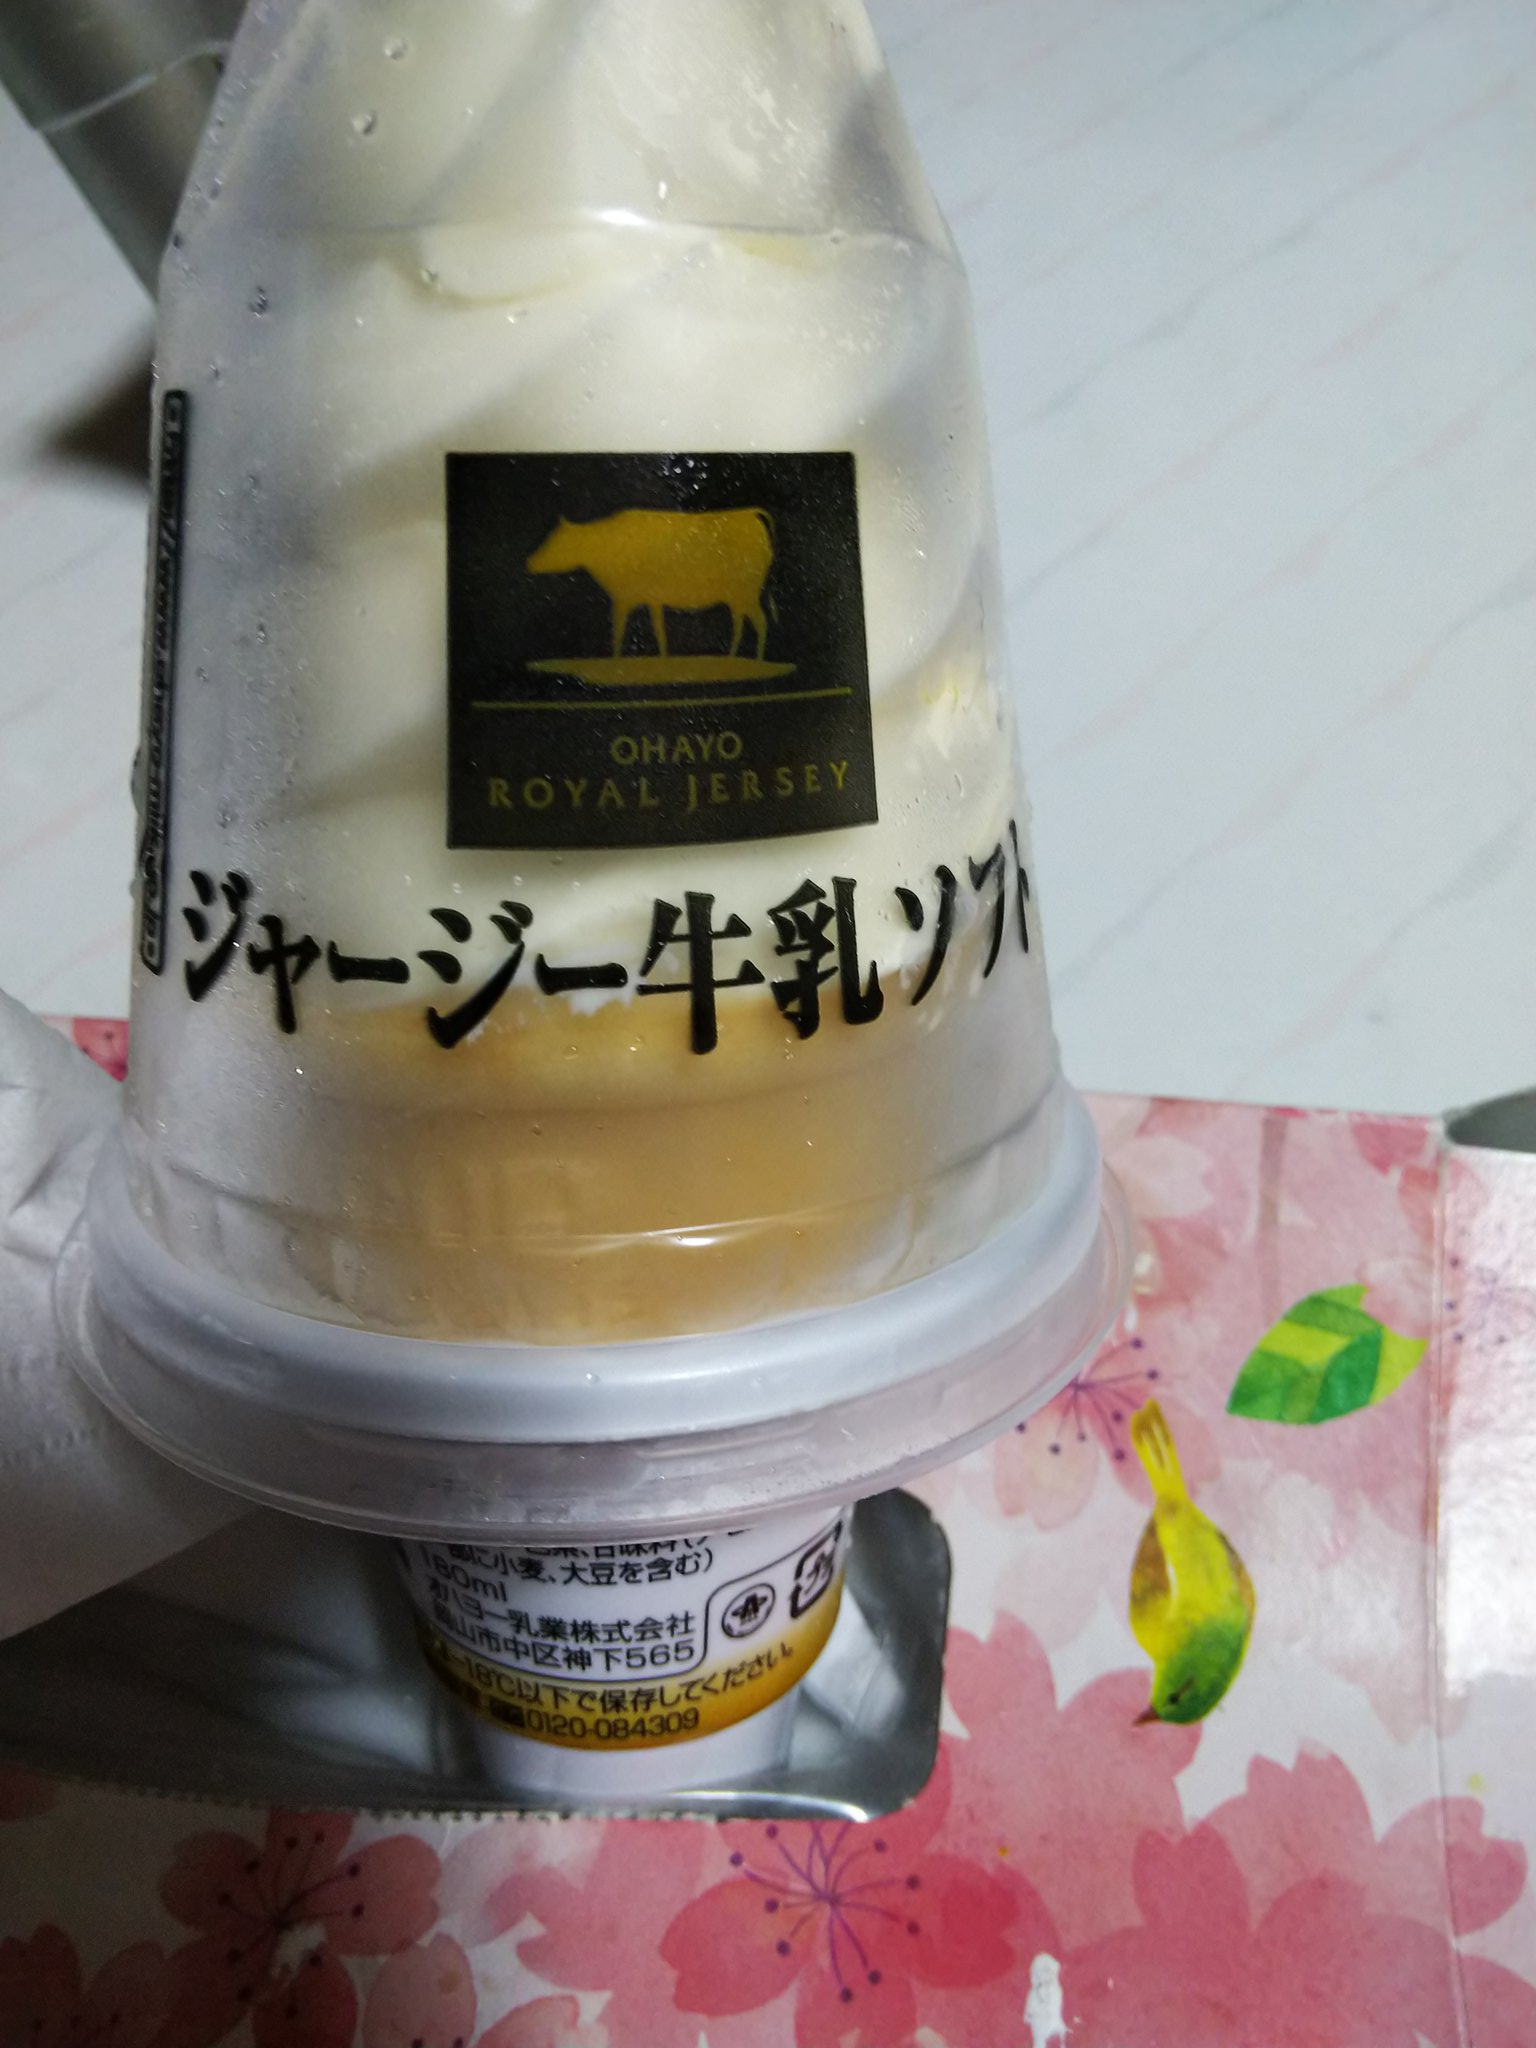 画像,たーだーいーま!!|・ω・*)ノ|Юガチャアイス総選挙見ながらアイスを食べる!!(帰りに買ってきた。)29位。モナ王もっと上行くと思ってた。(モナ王好き) h…